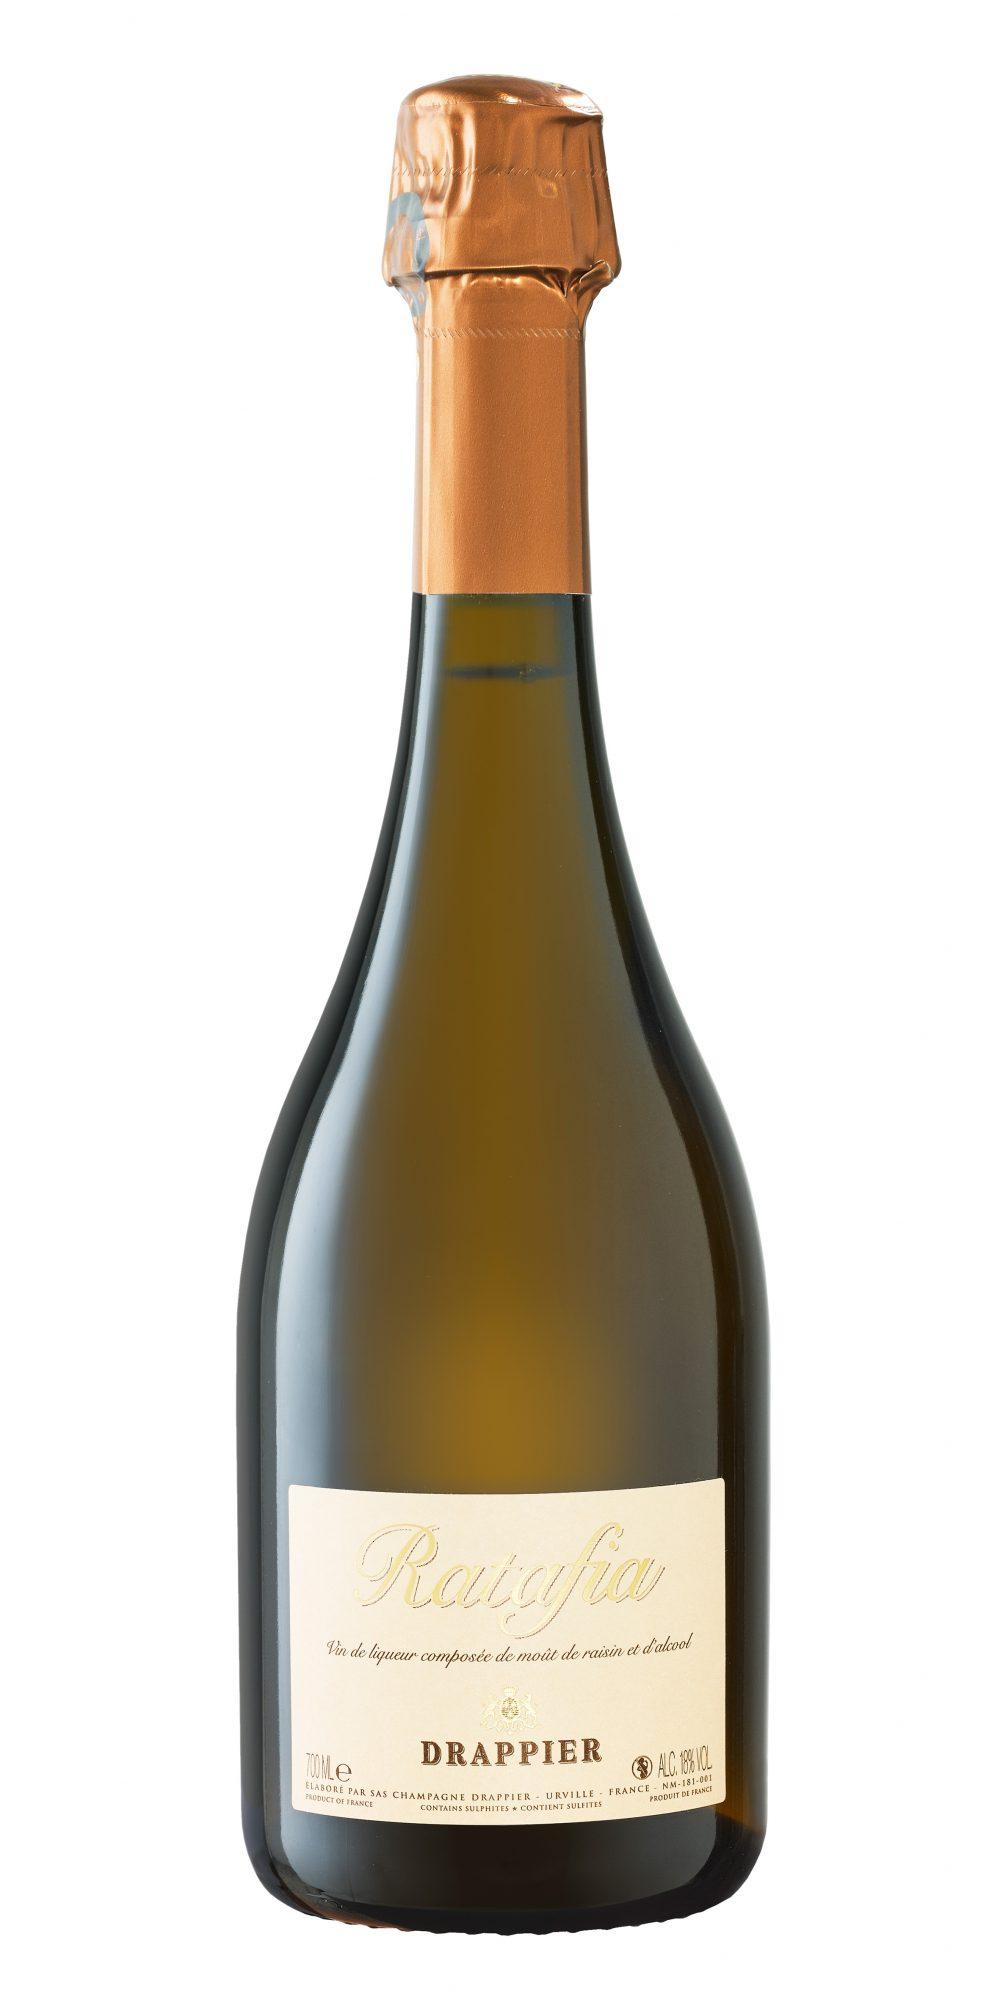 Ratafia de Champagne (700ml)